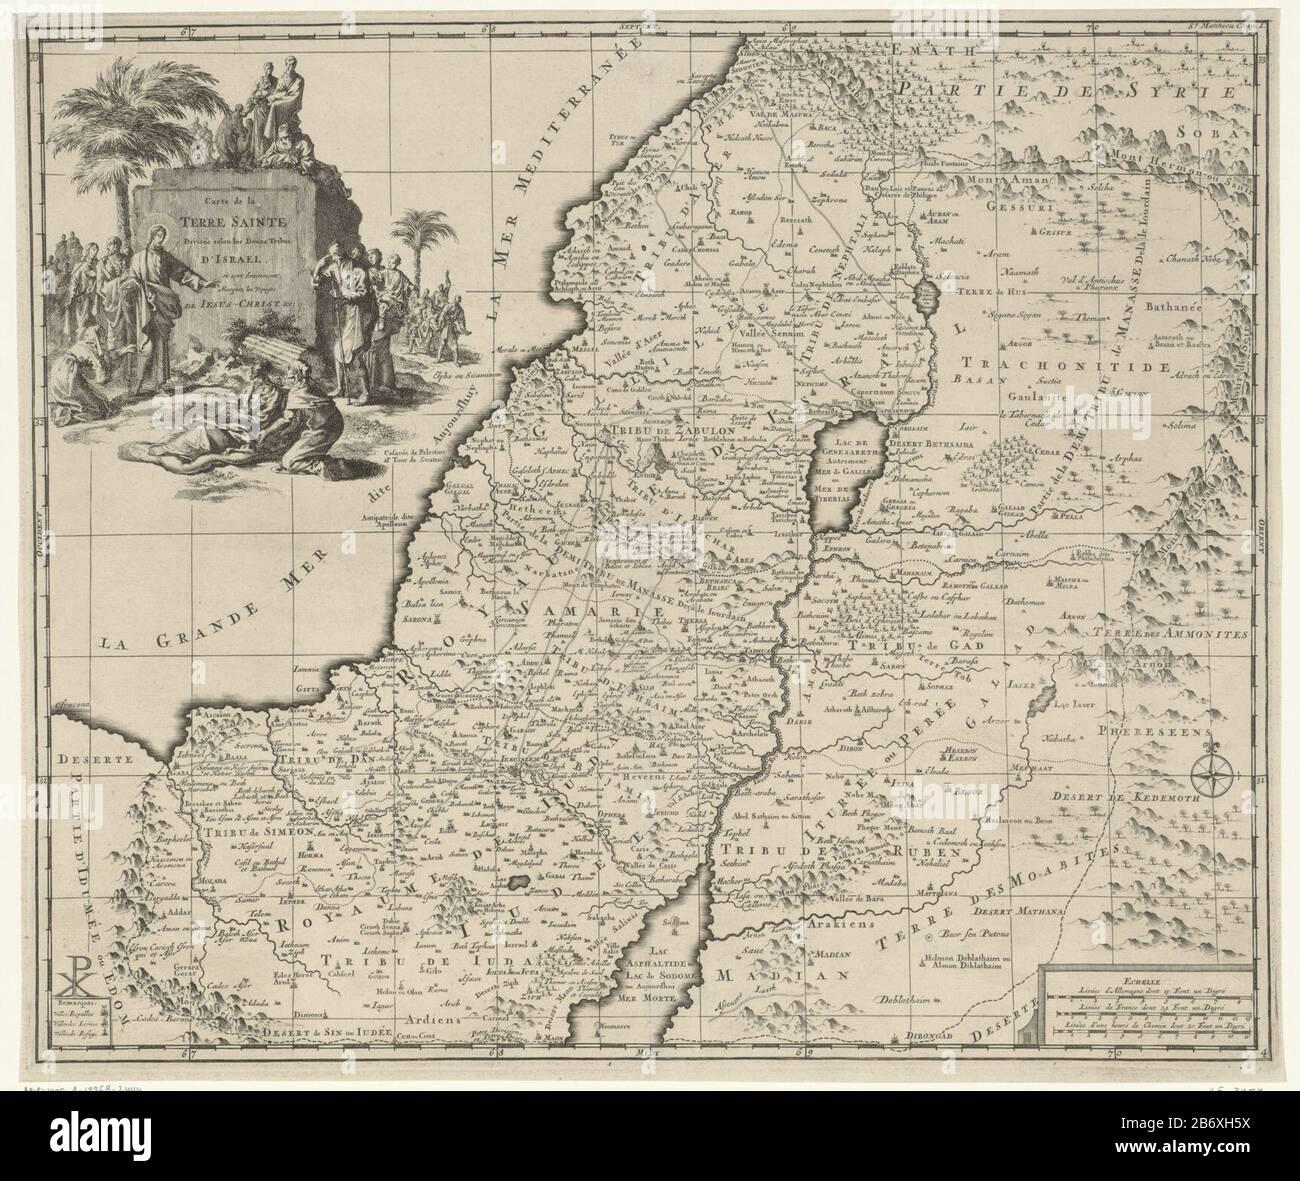 carte de la terre plate Map of Israel Carte de la Terre Sainte (title object) Object type